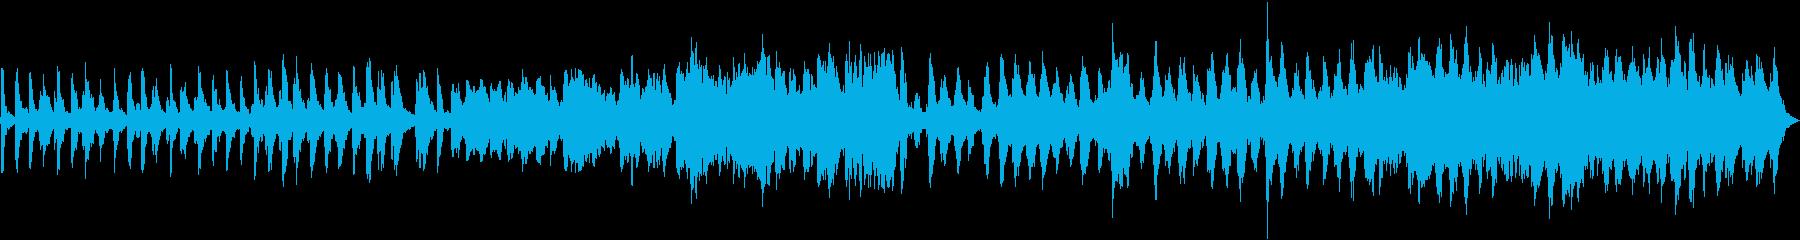 動画のBGMに使える木管ポップな小曲の再生済みの波形